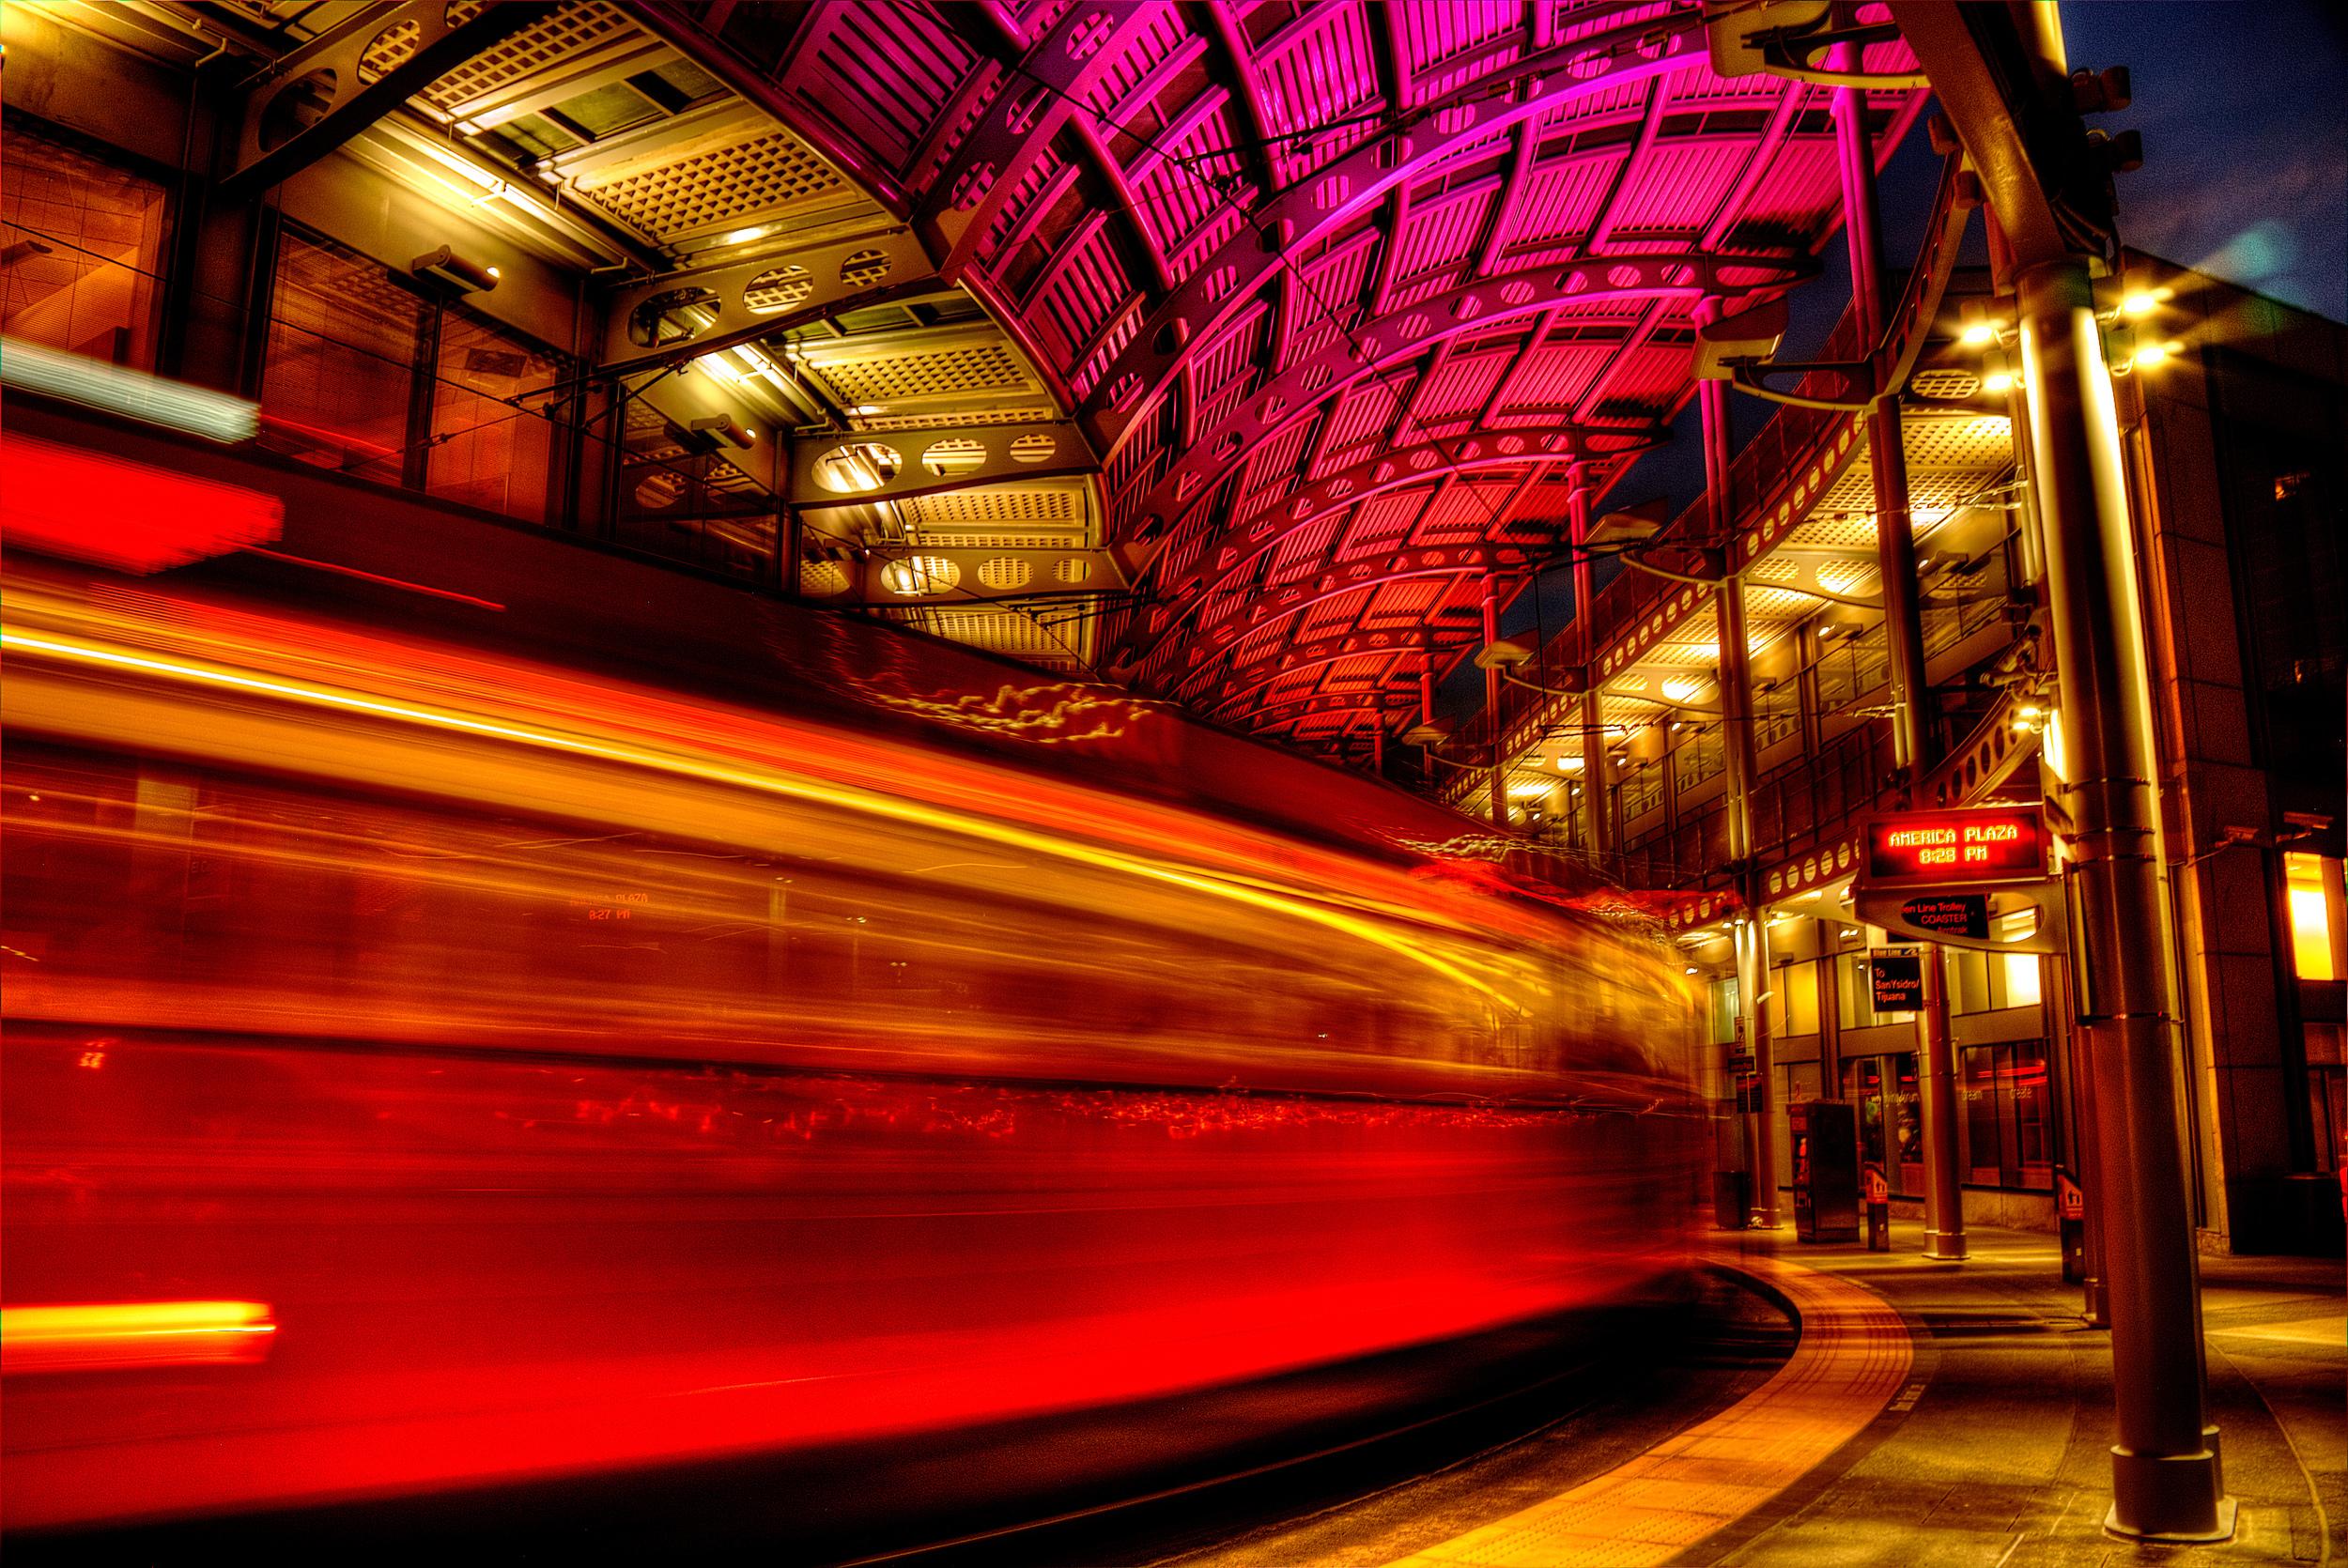 station red.jpg